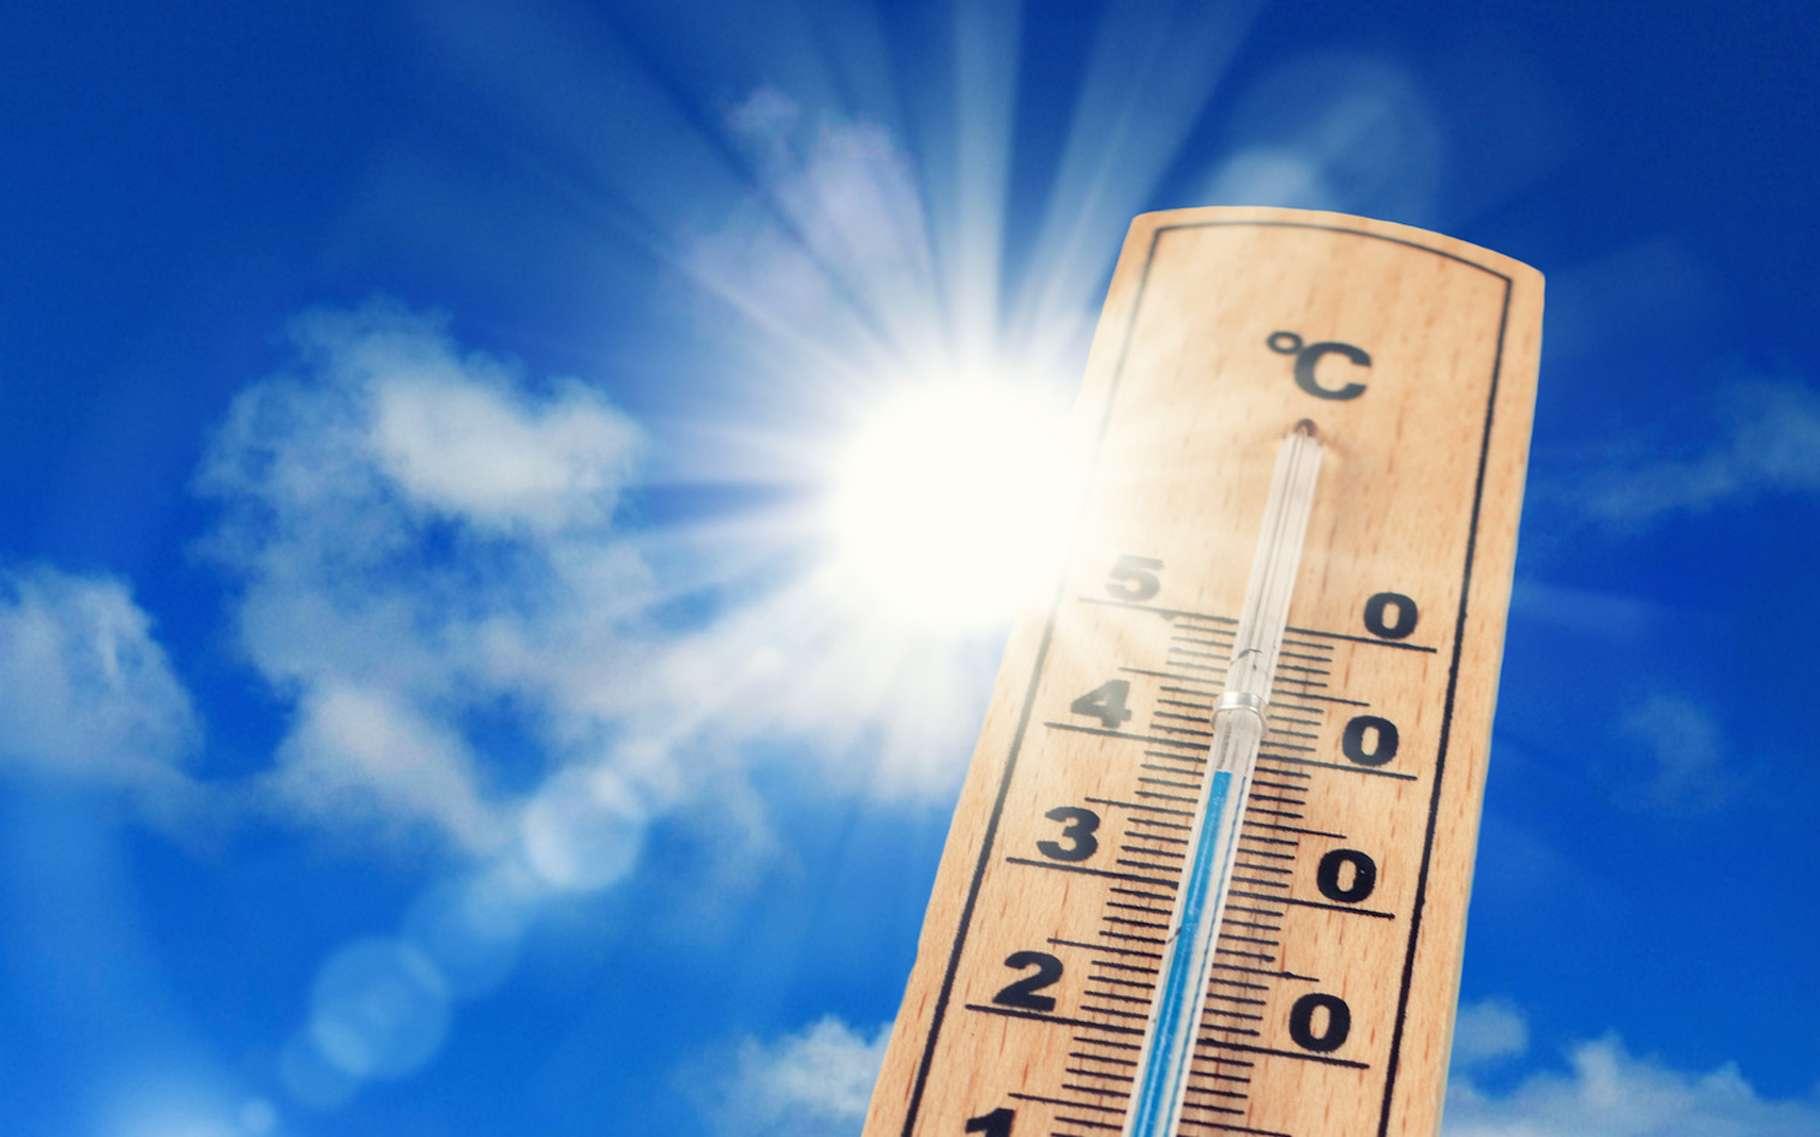 Depuis 30 ans déjà, les jours de fortes chaleurs sont en hausse en France. D'ici 2050, notre pays devrait subir quelque cinq jours de canicule en plus par an. Une conséquence du réchauffement climatique en cours. © Jenny Sturm, Fotolia